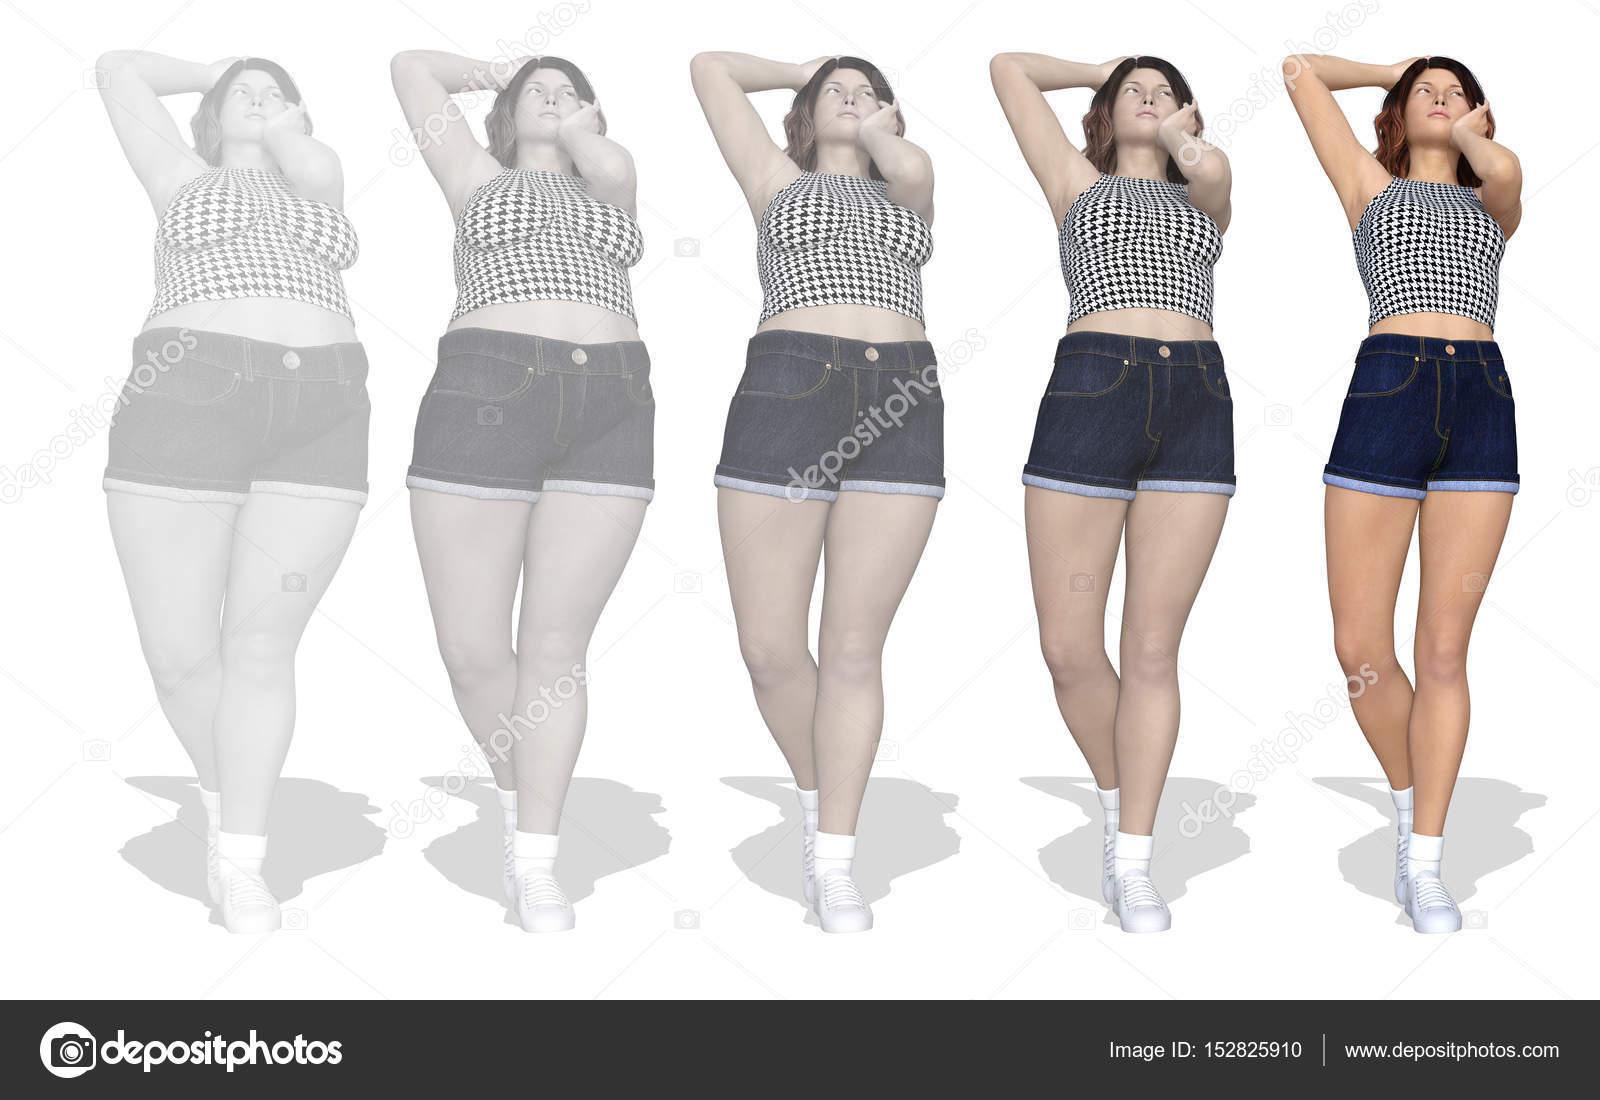 ob ses vs femmes slim fit corps sain photographie design36 152825910. Black Bedroom Furniture Sets. Home Design Ideas